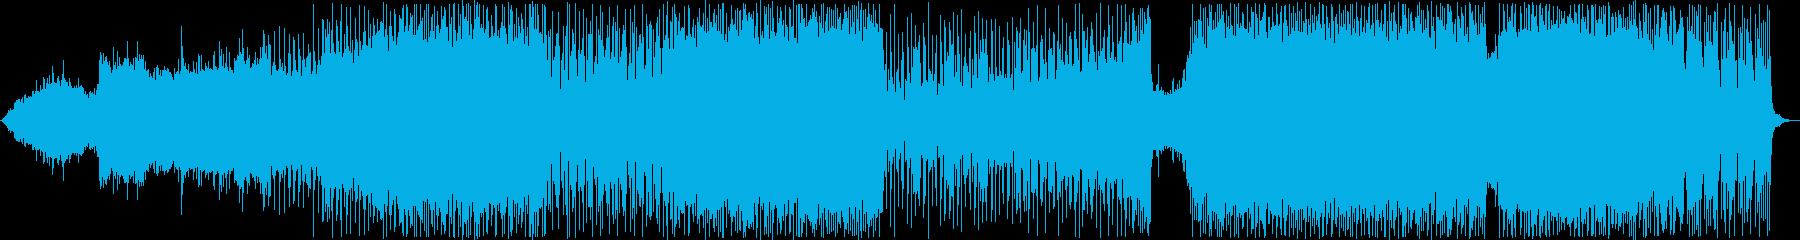 【メロ抜き】疾走感のあるダンスロックの再生済みの波形